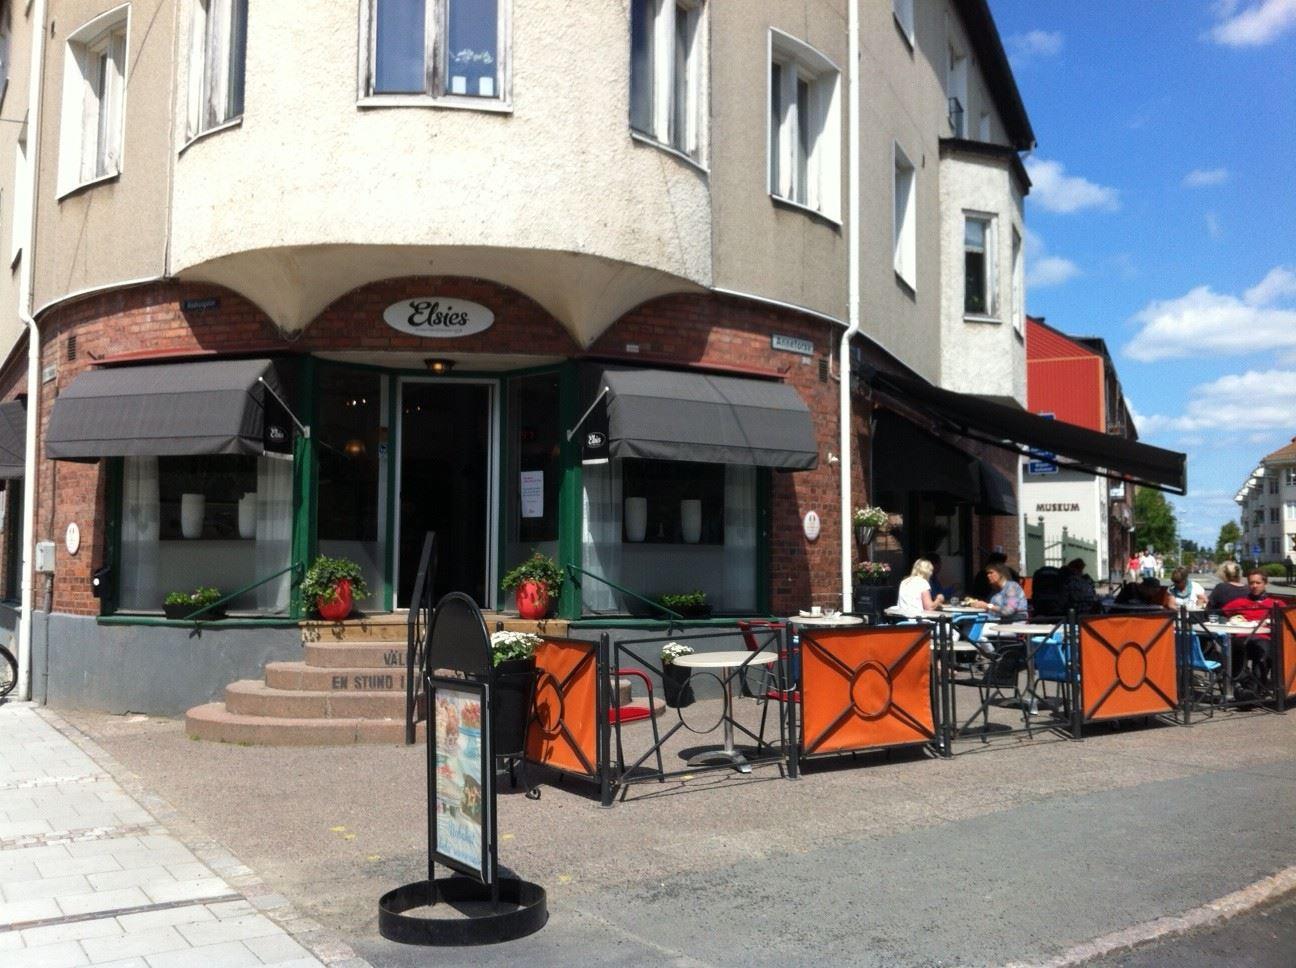 Elsies Cafe